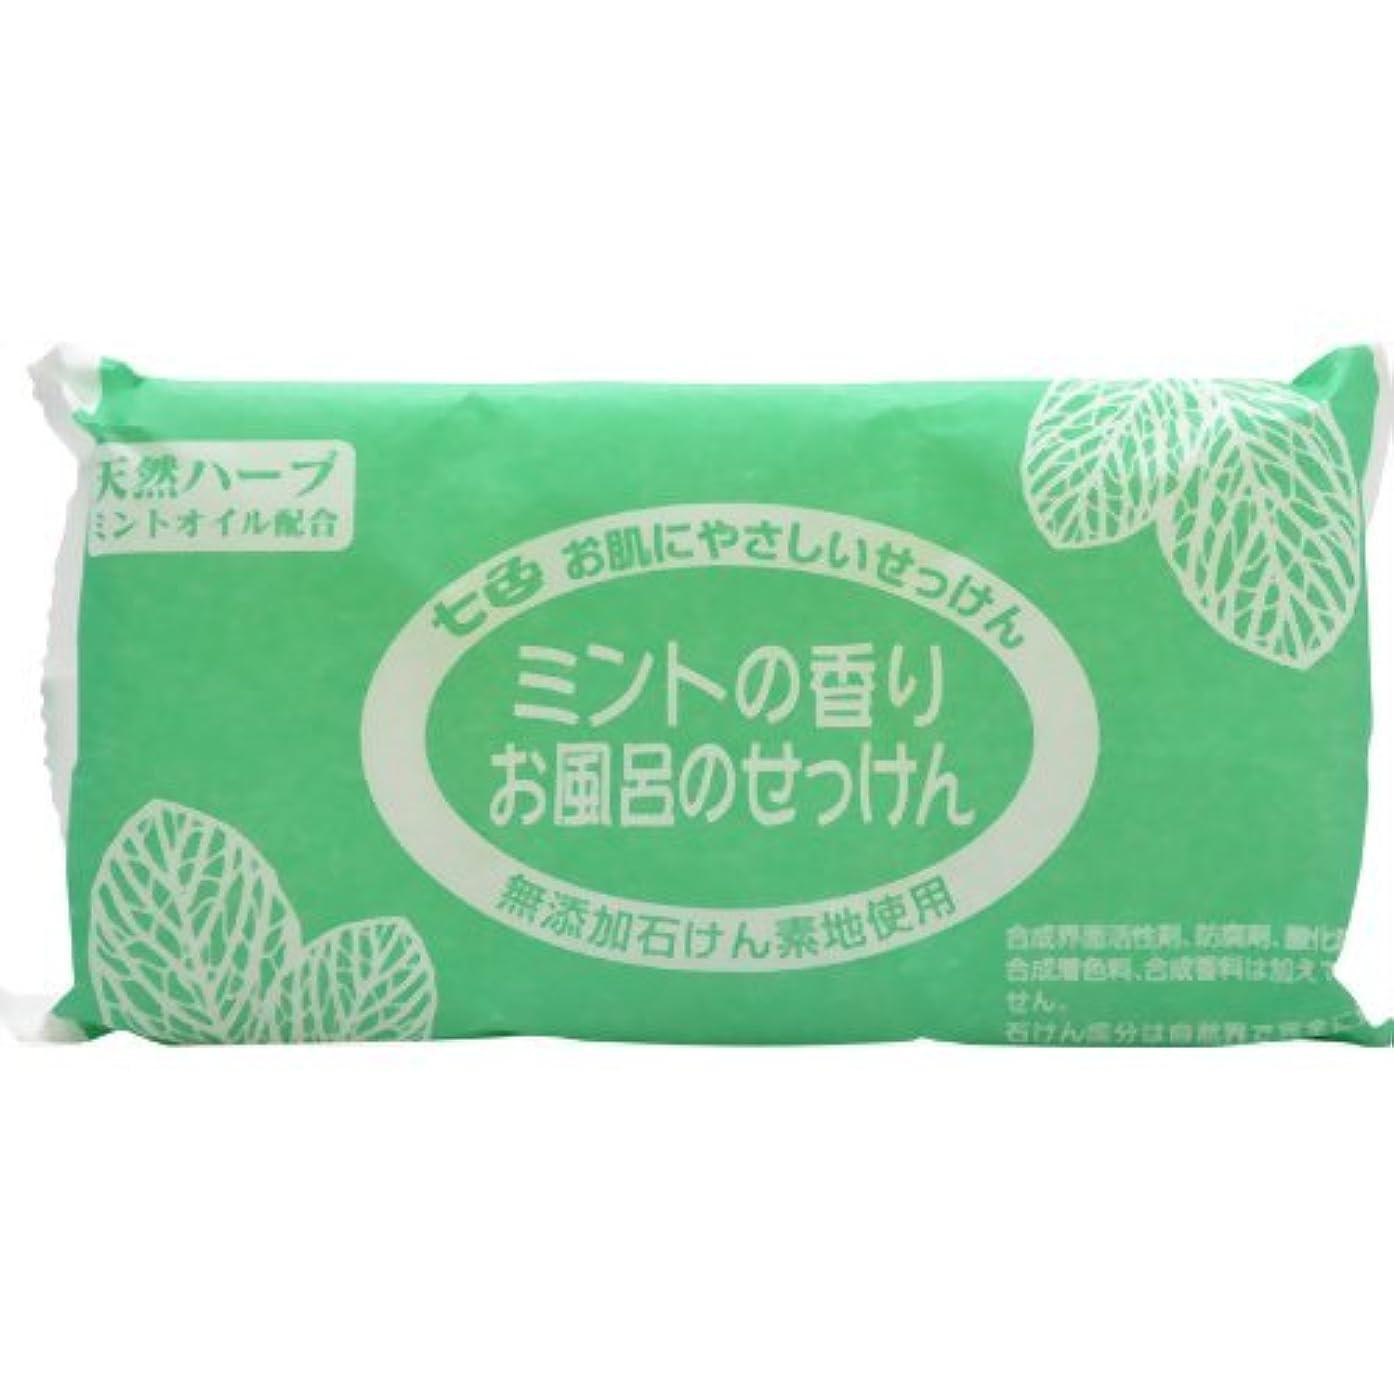 チャット割合言い換えると七色 お風呂のせっけん ミントの香り(無添加石鹸) 100g×3個入